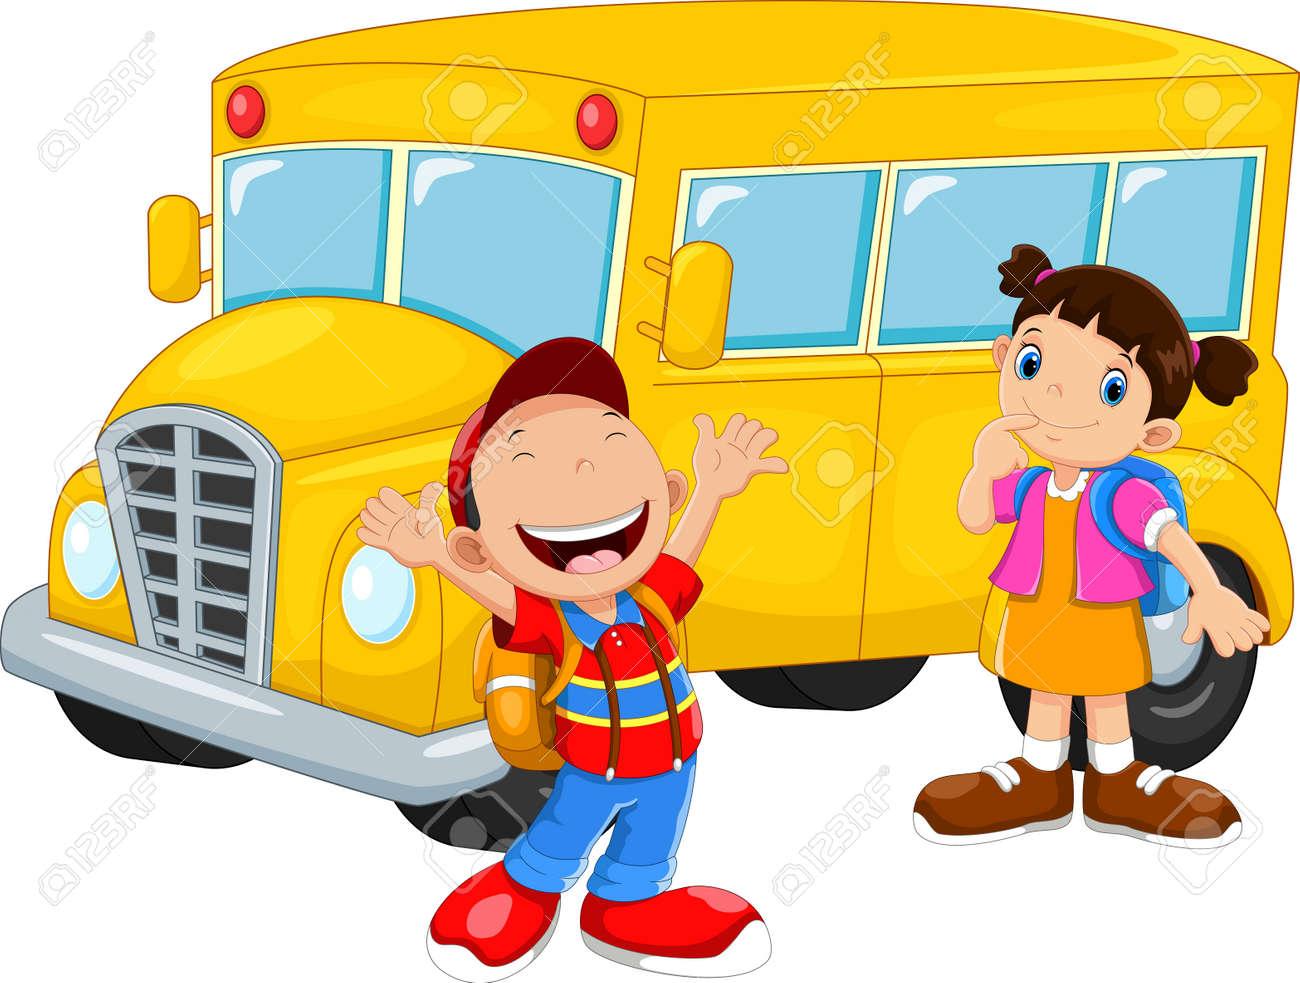 Happy Children And School Bus - 165285595